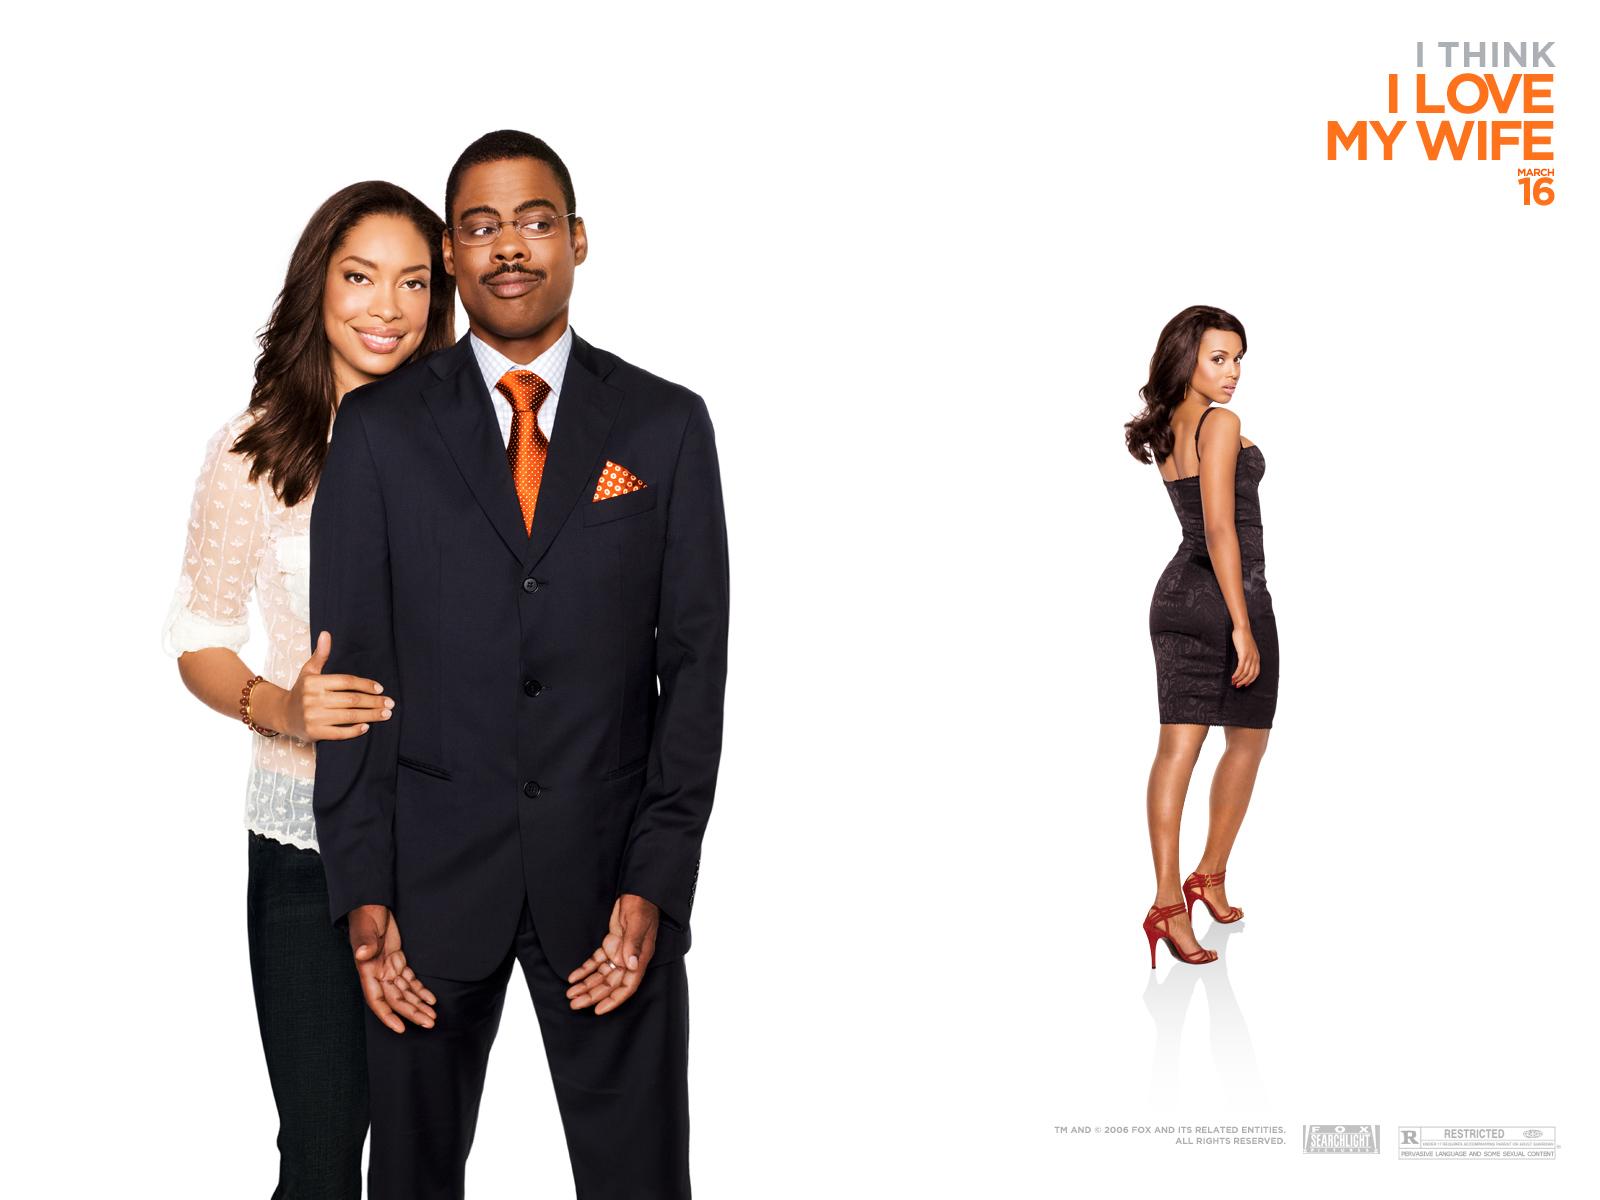 i love my wife wallpaper,suit,formal wear,standing,tuxedo,fun